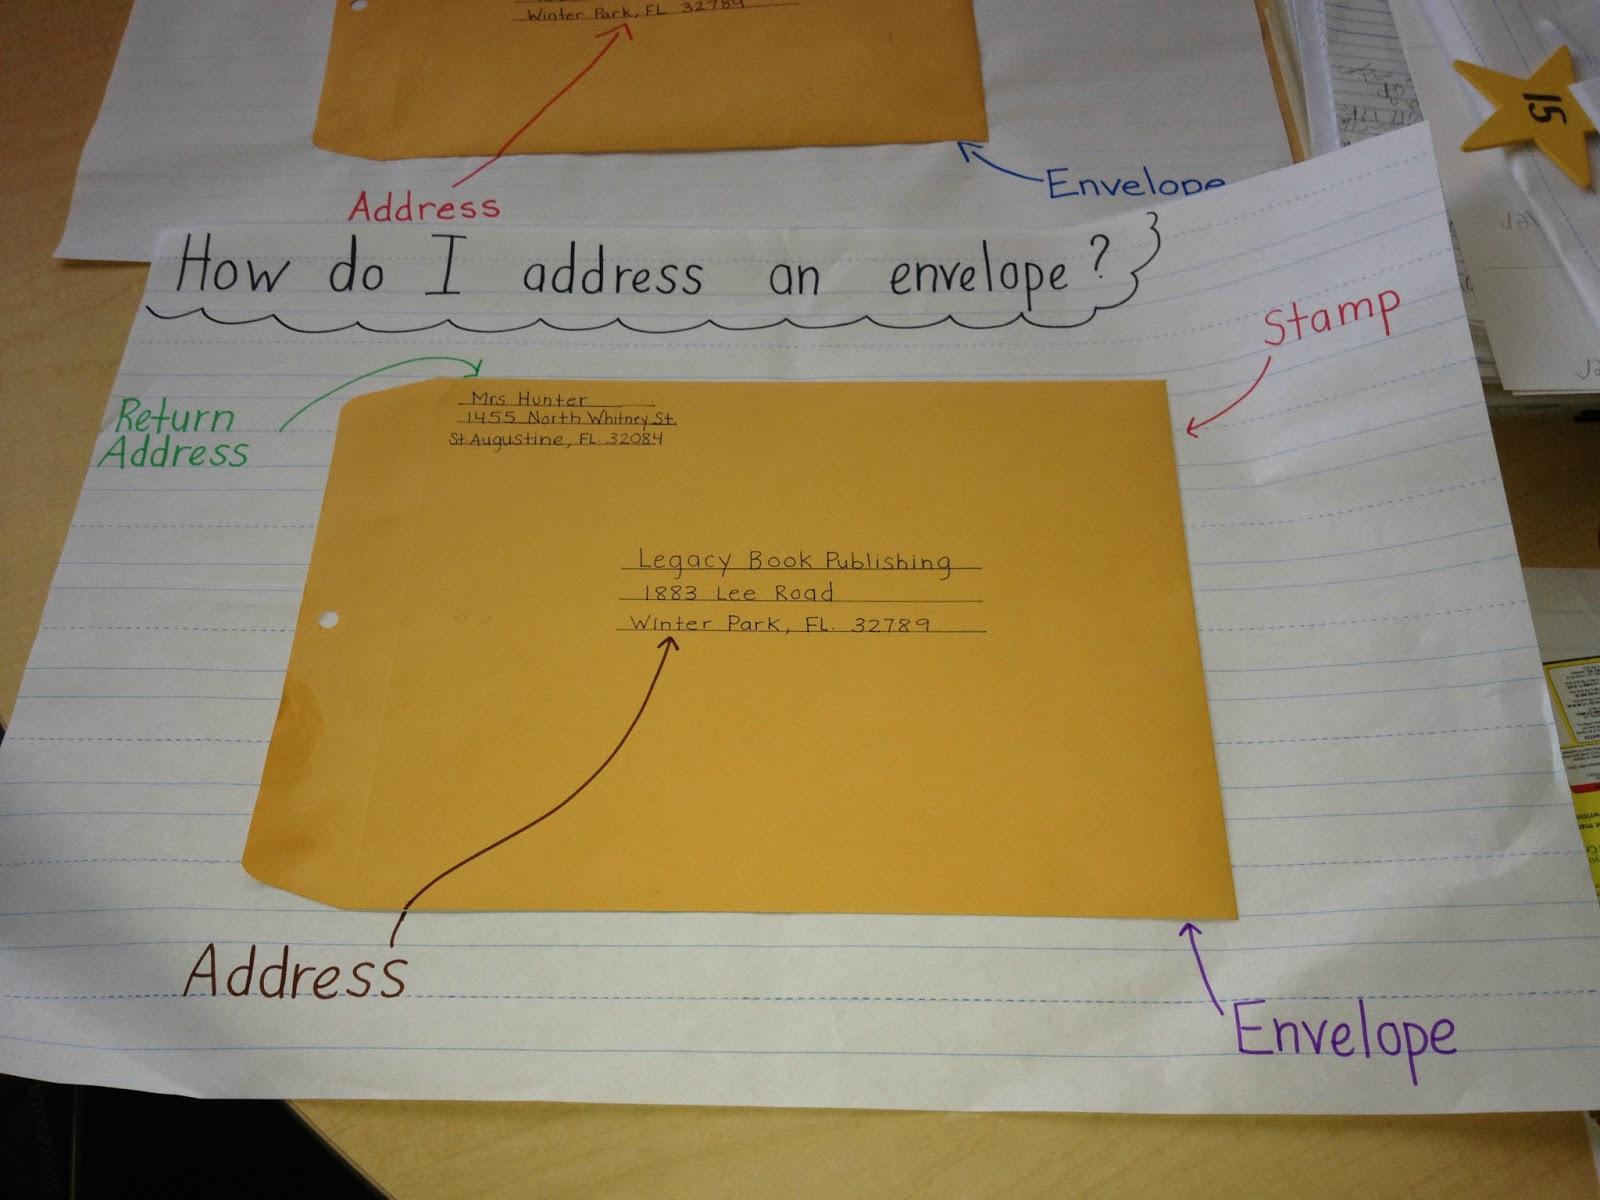 Thursday Envelope